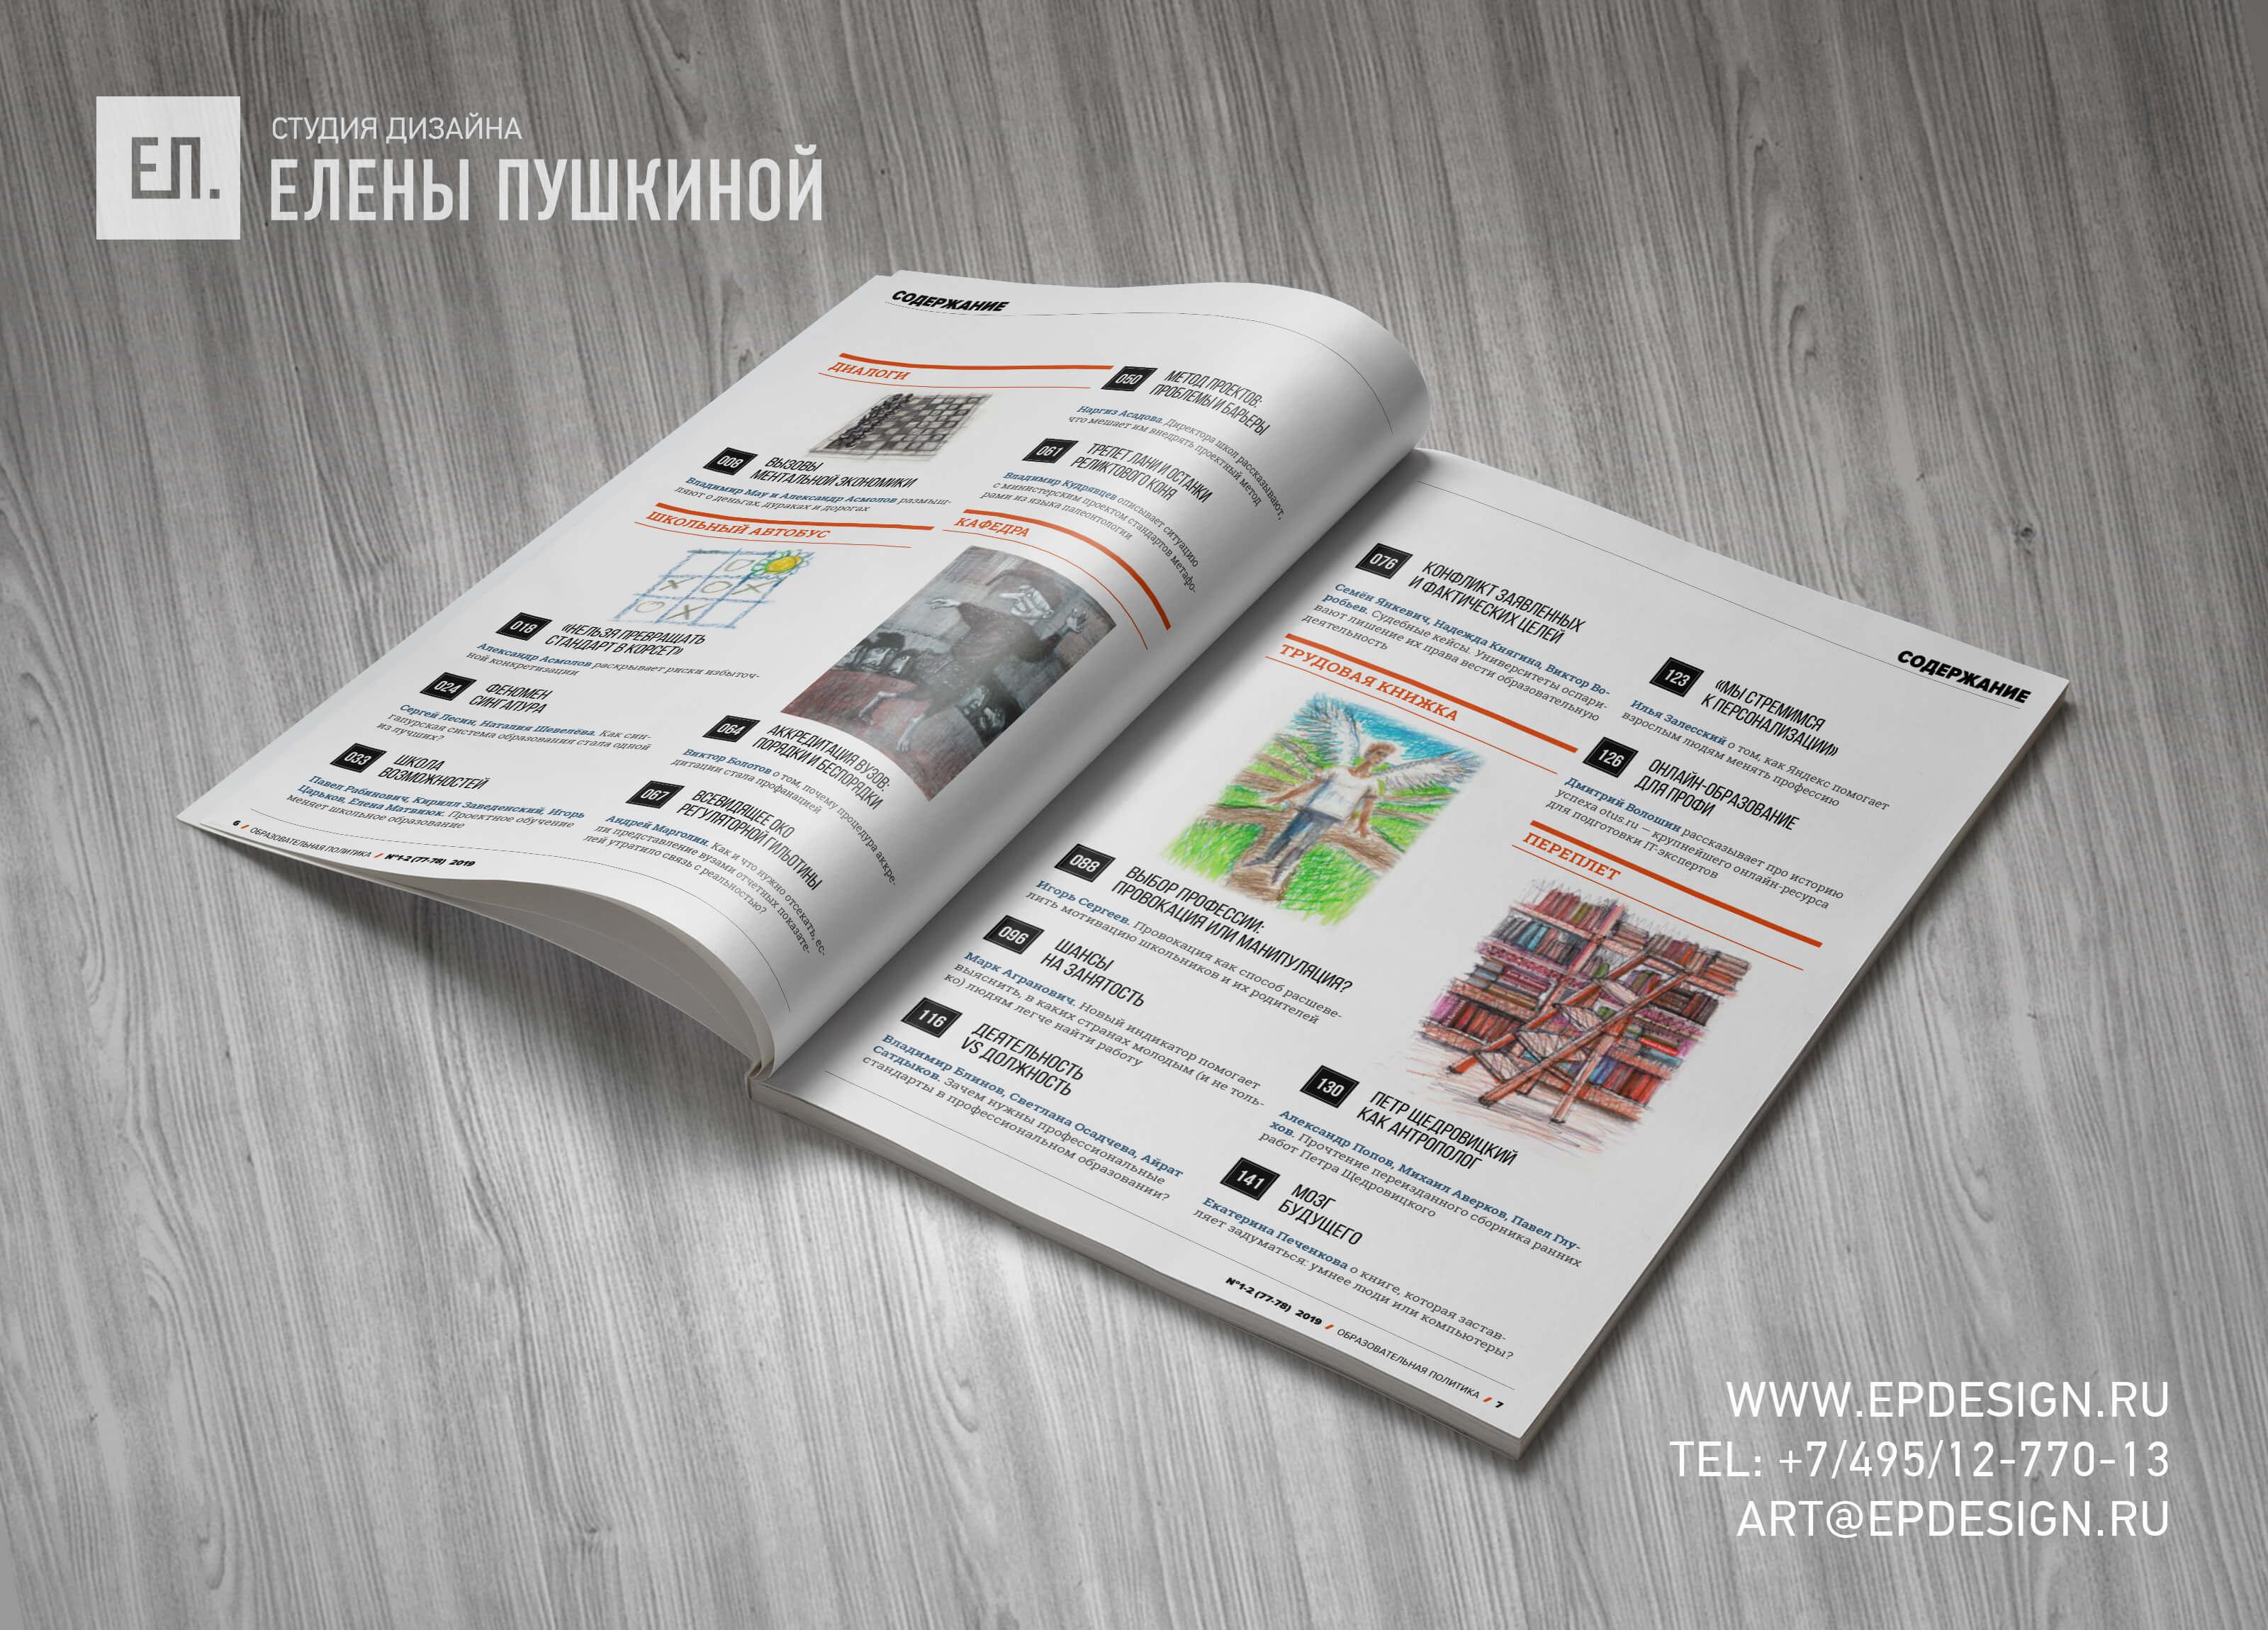 Журнал «Образовательная политика» РАНХиГС №1-2 (77-78) июнь 2019 — разработка с «нуля» логотипа, обложки, макета и вёрстка журнала Разработка журналов Портфолио